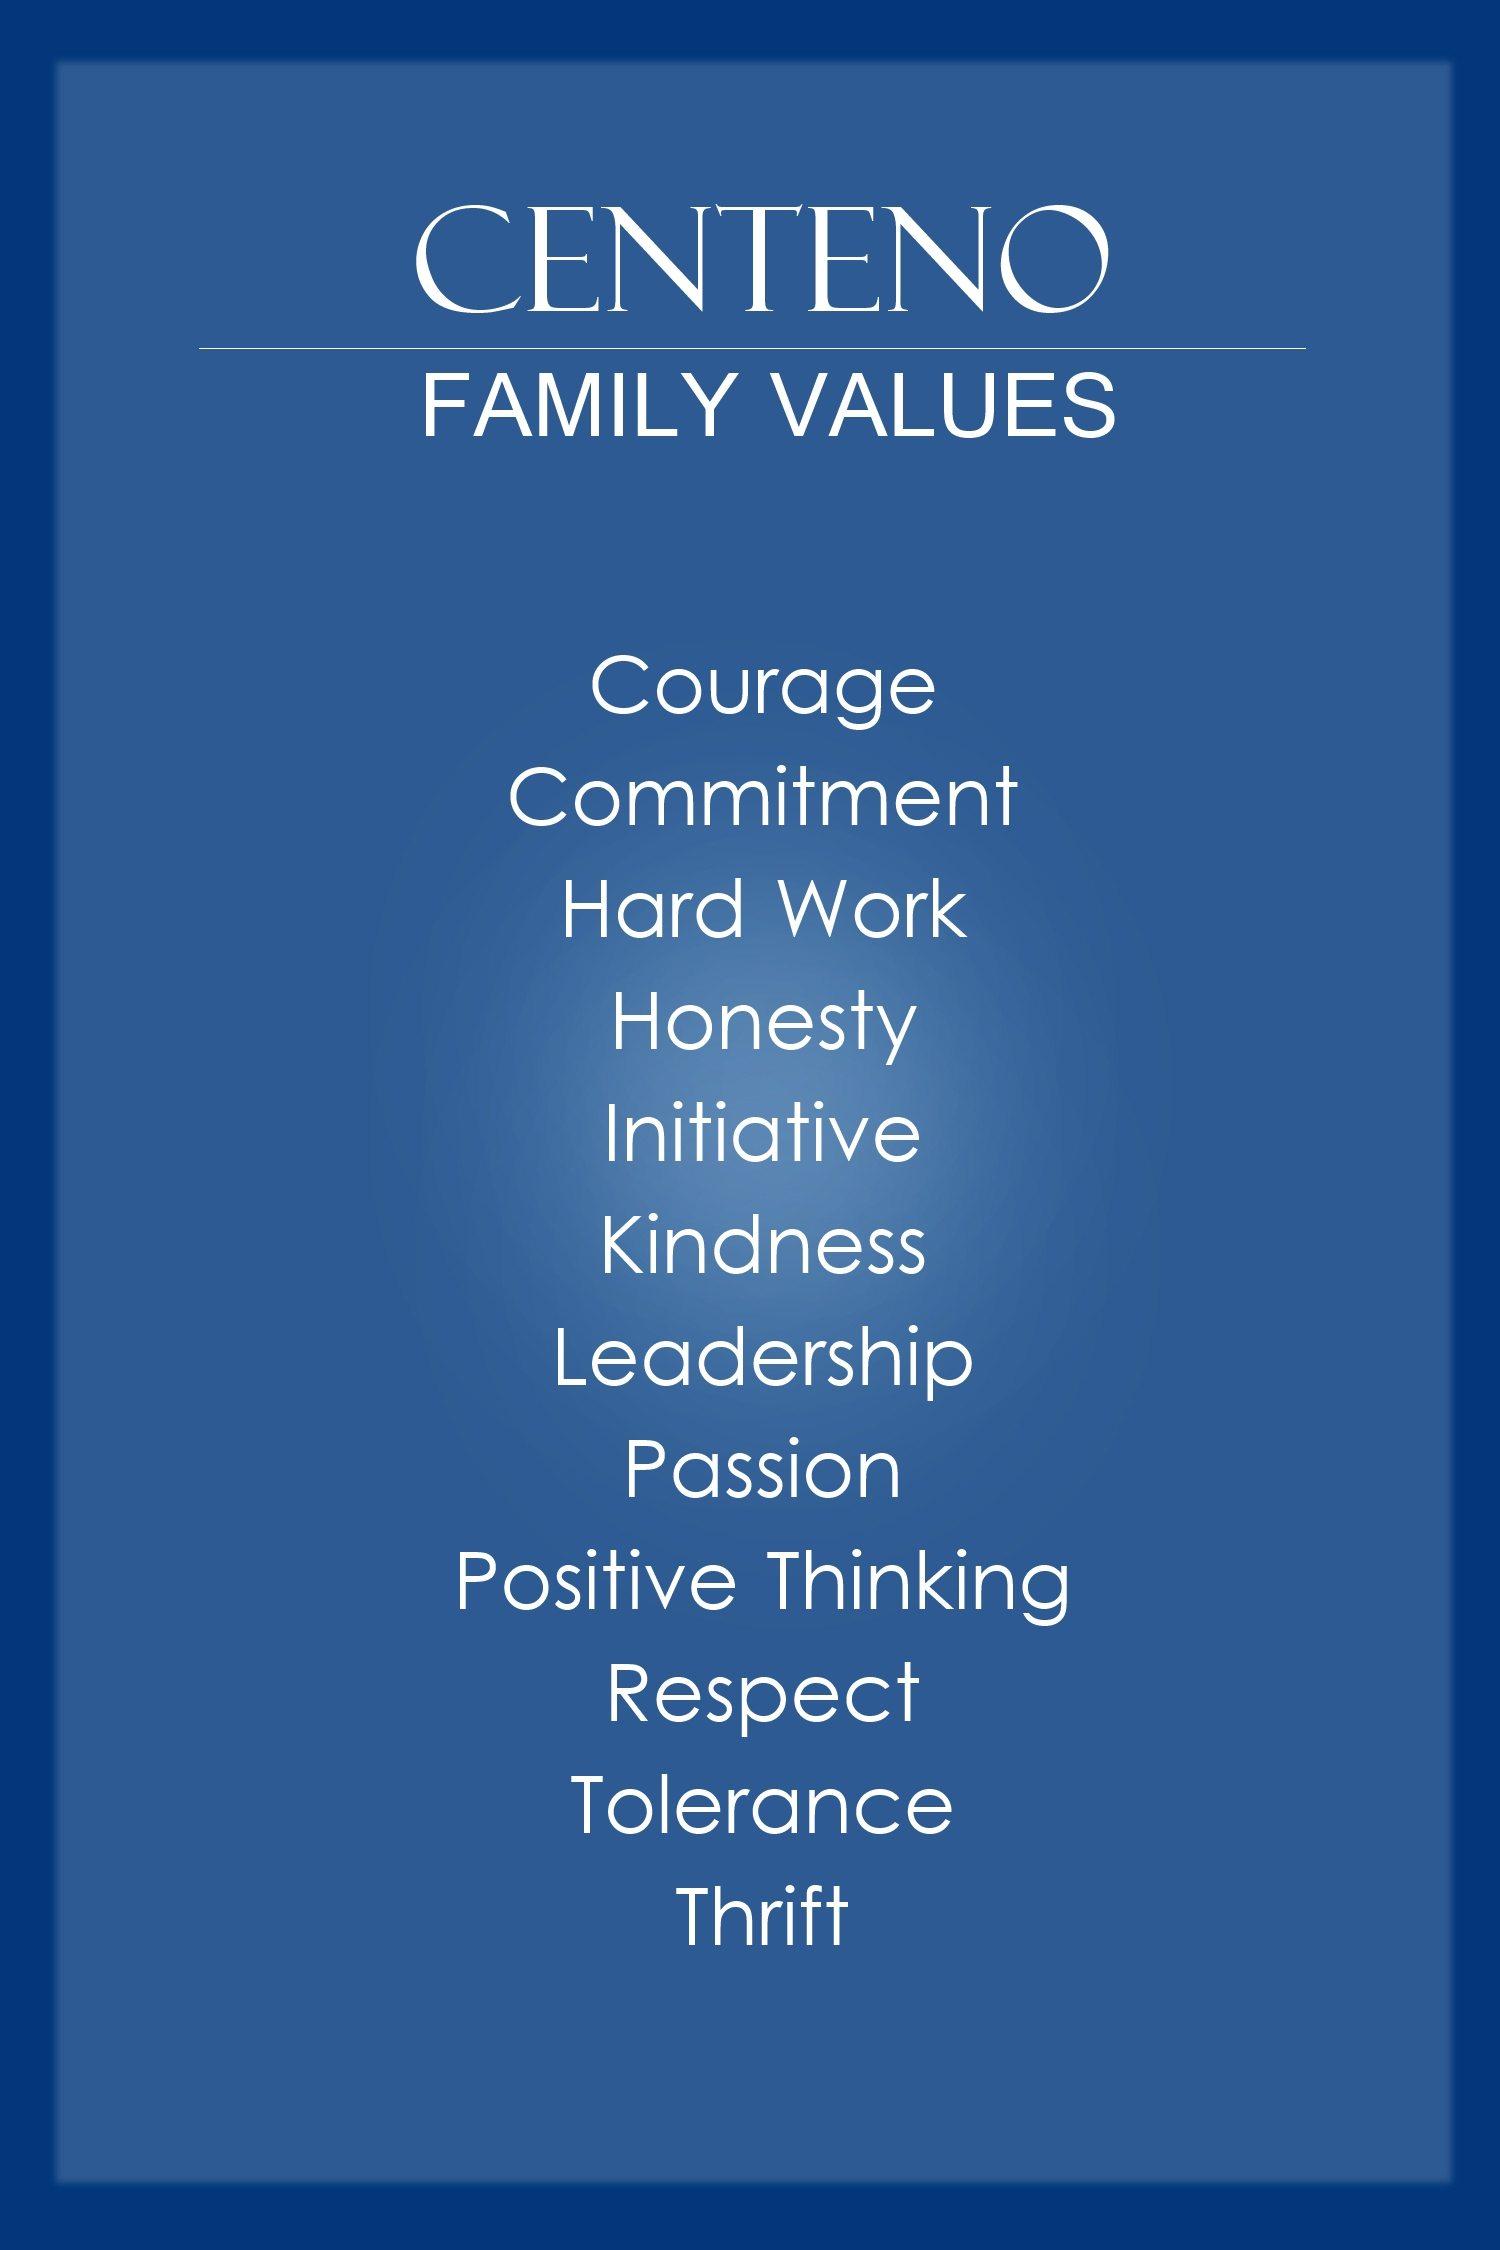 Antonio S 12 Family Values